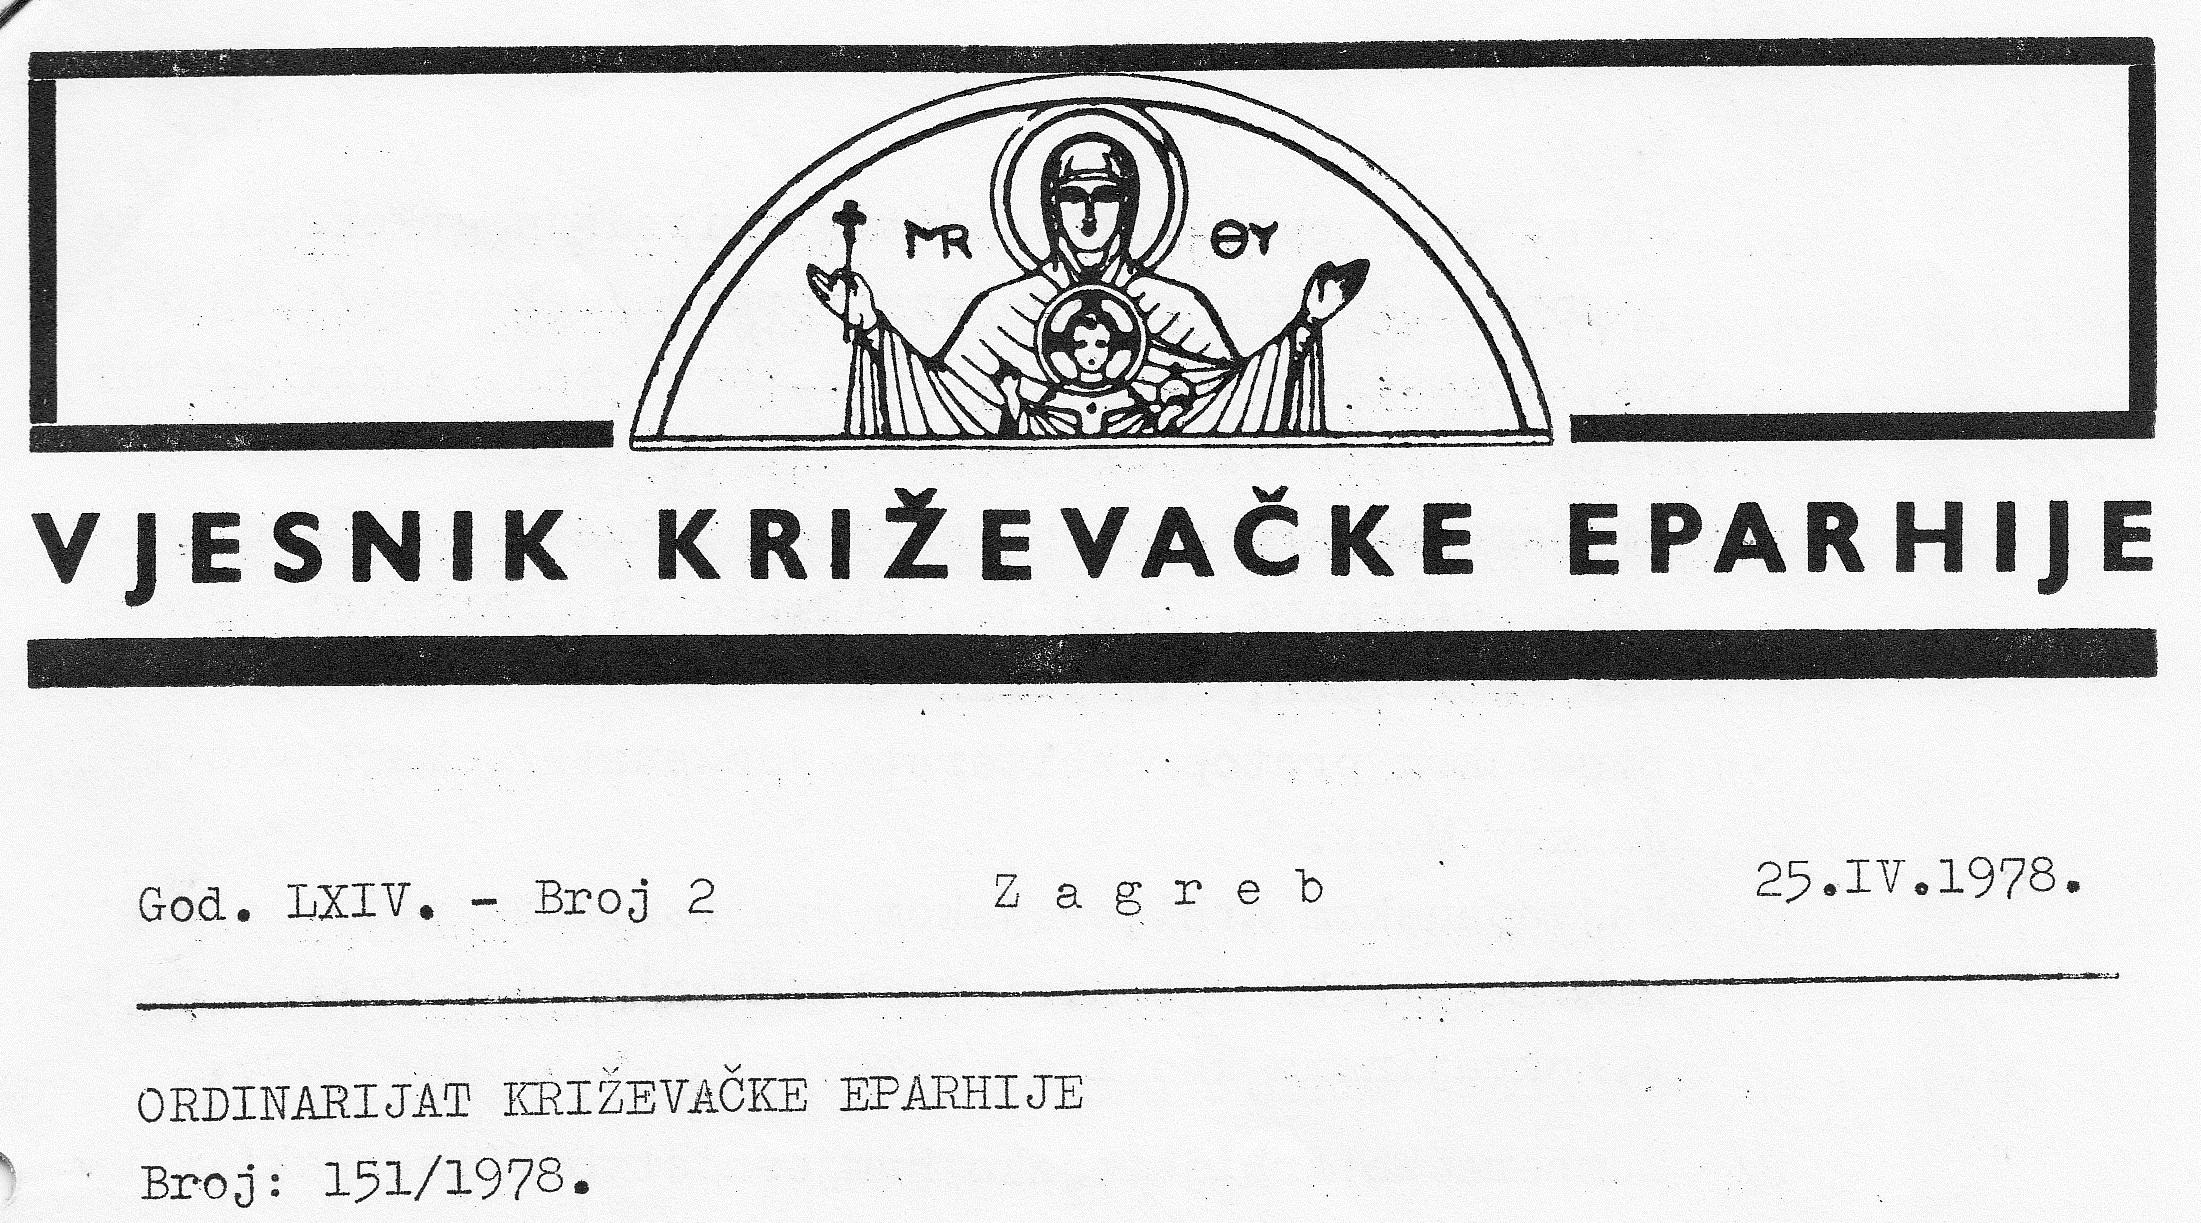 Dismembracija Križevačke eparhije započela je u travnju 1978. godine